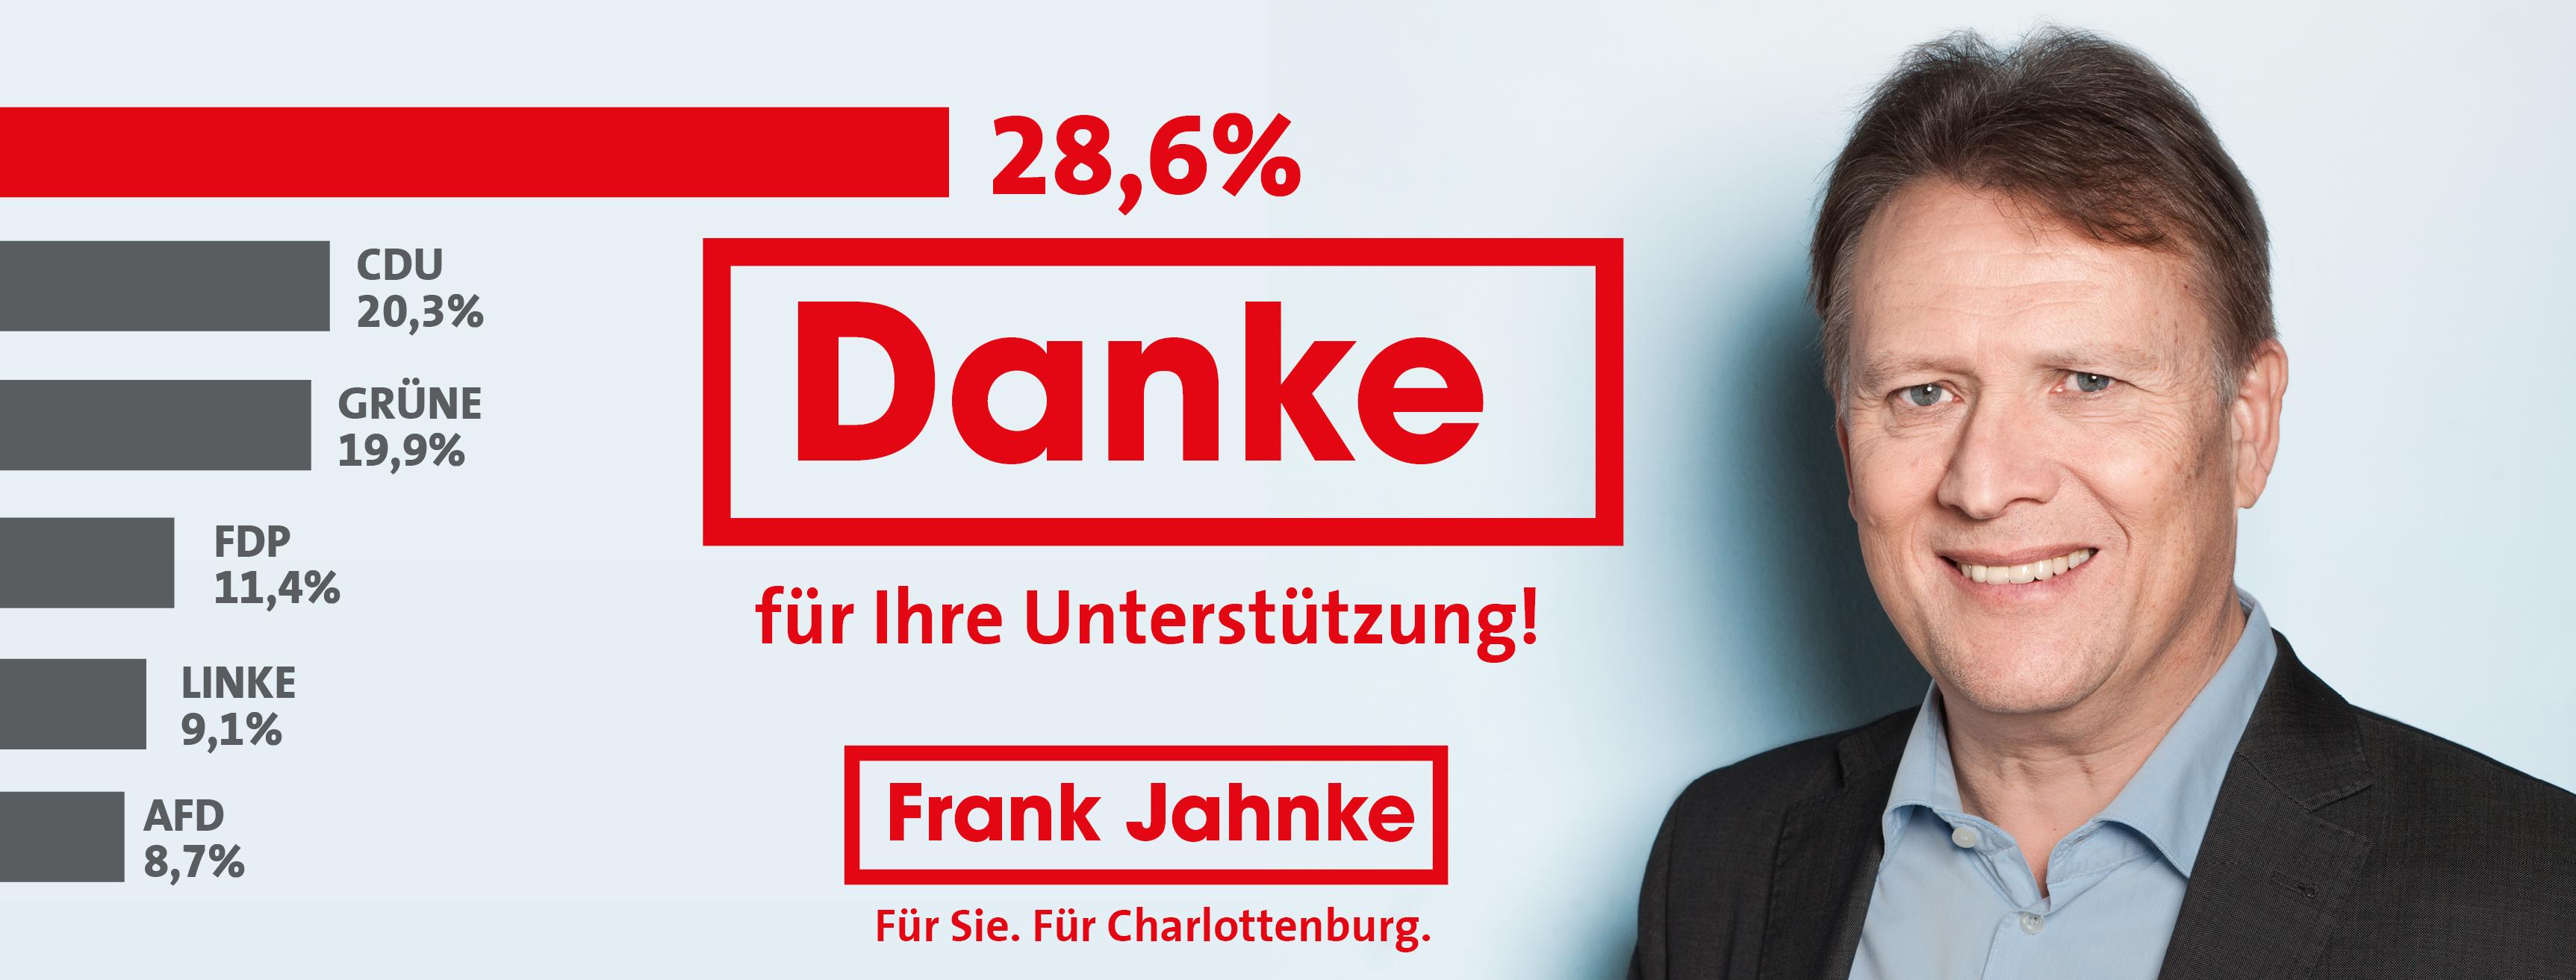 frank-danke